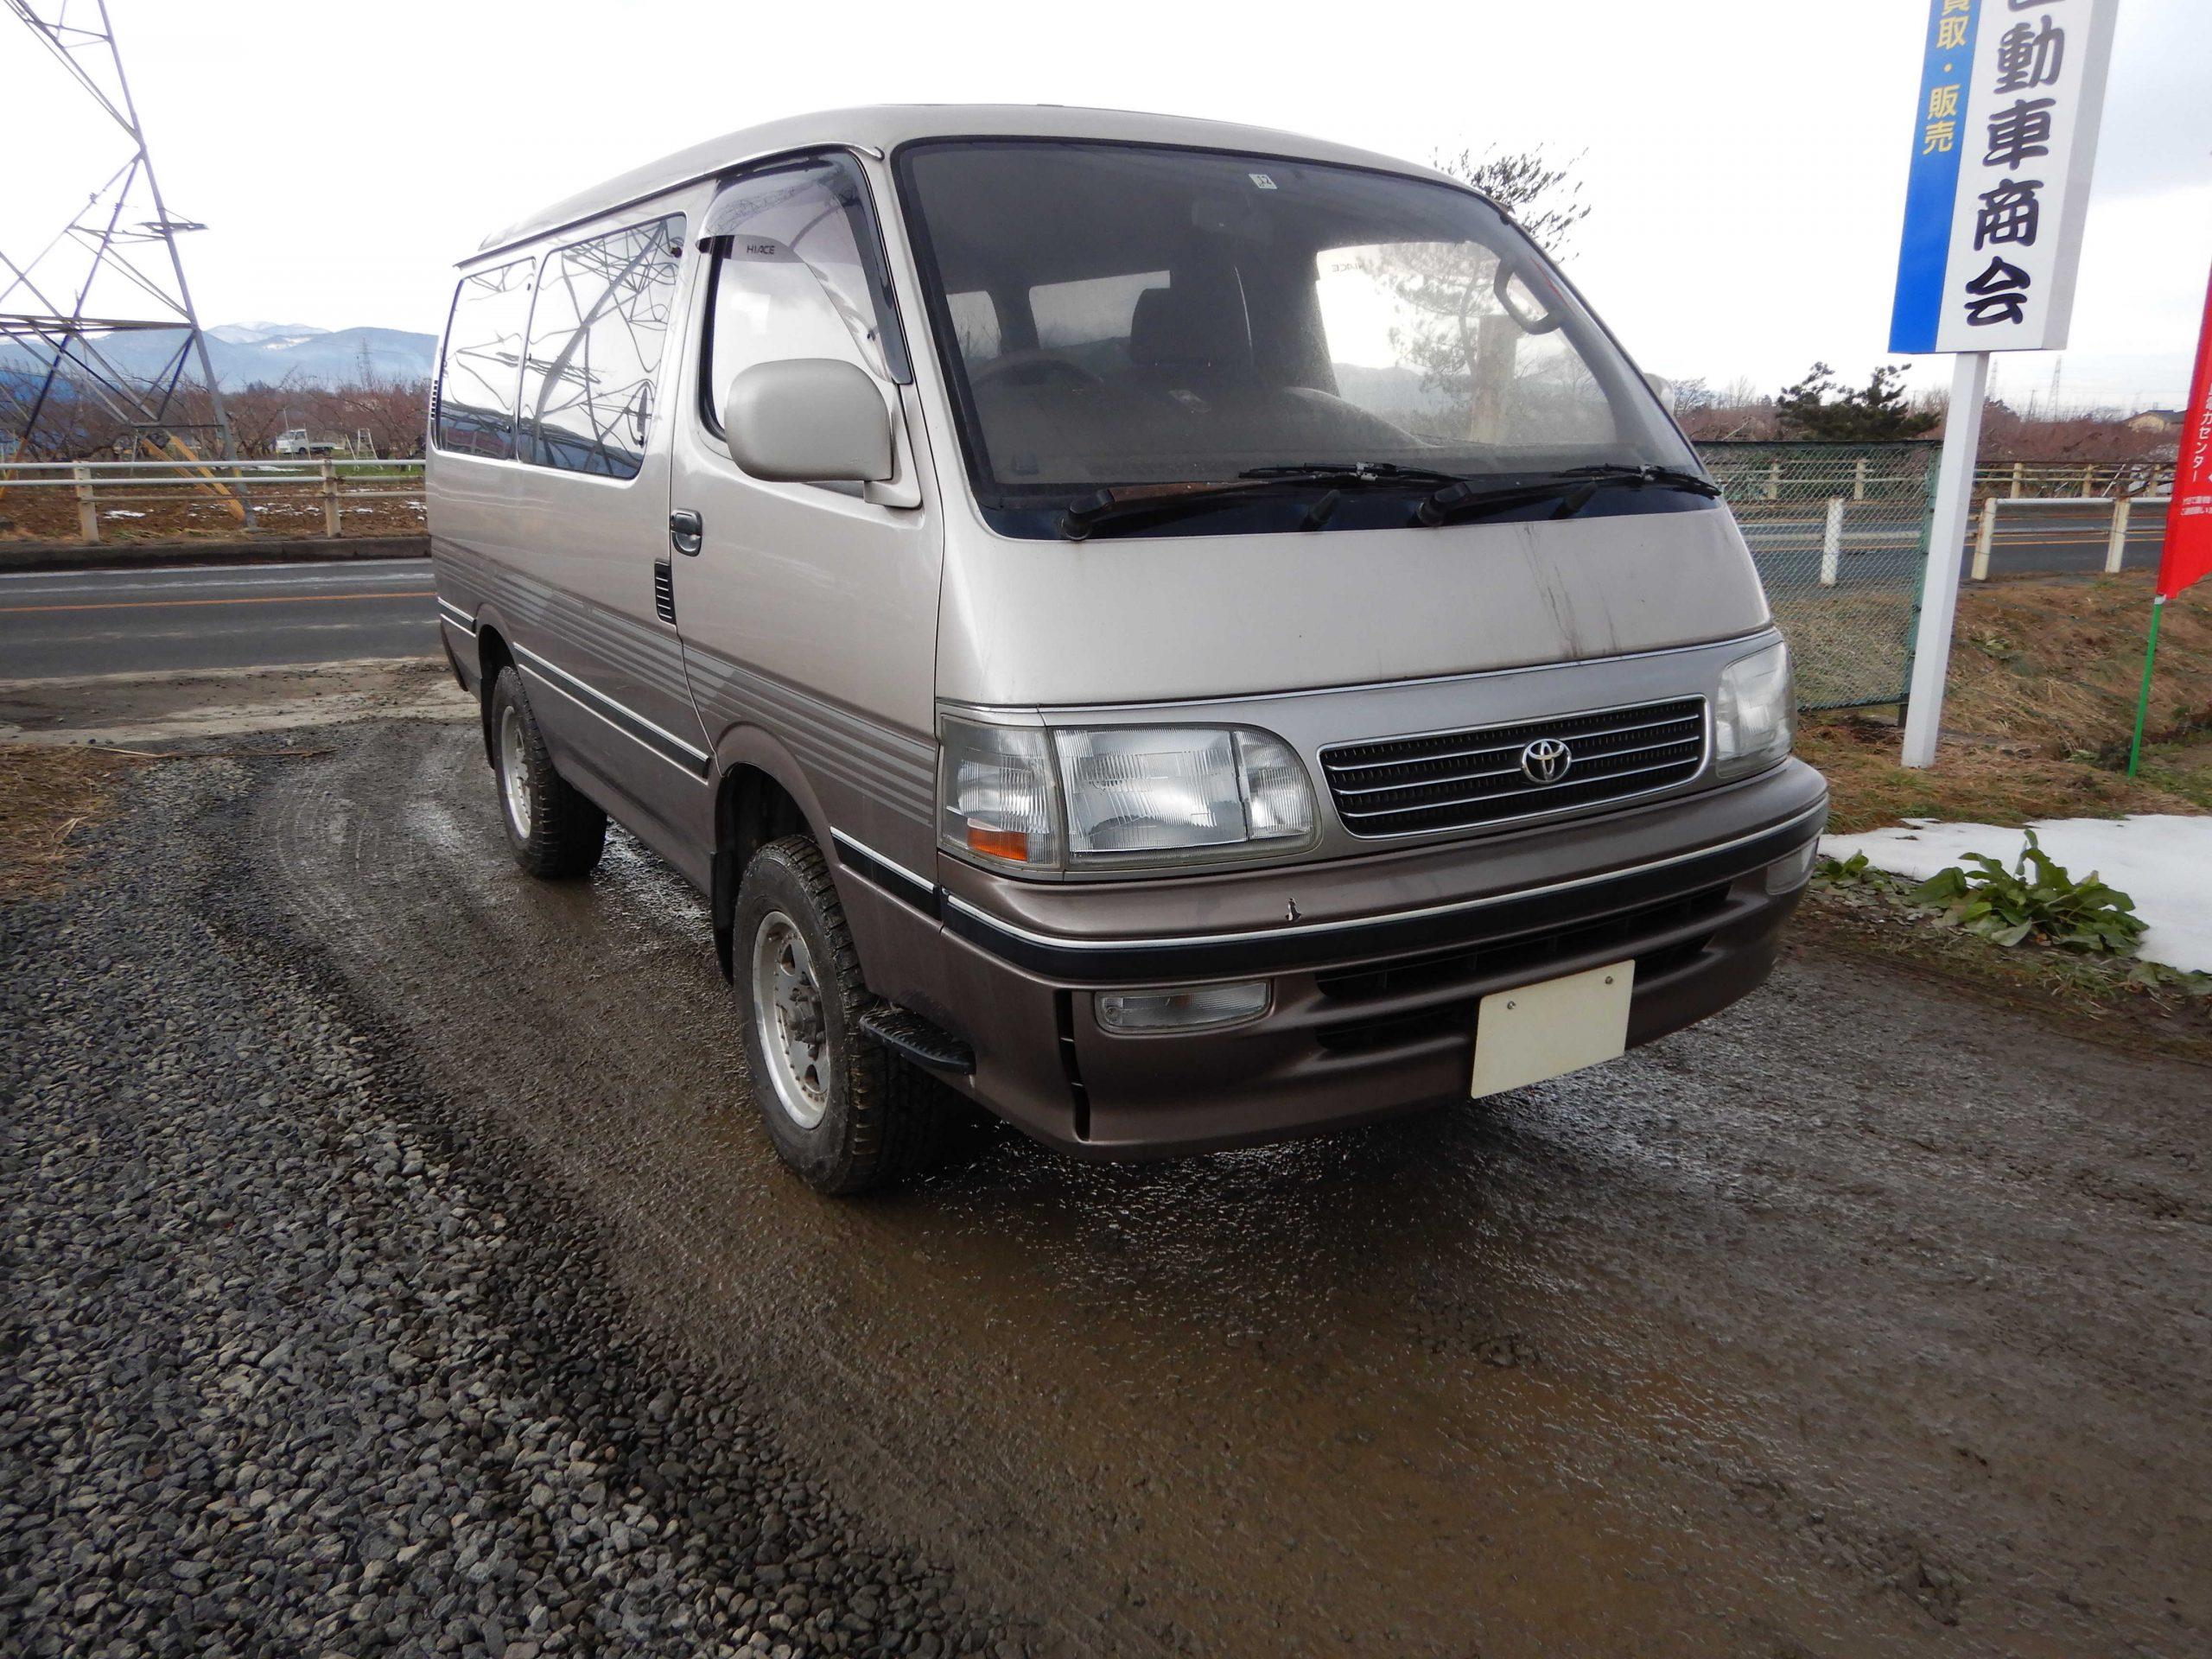 トヨタ ハイエース 廃車 解体車 輸出向け車両